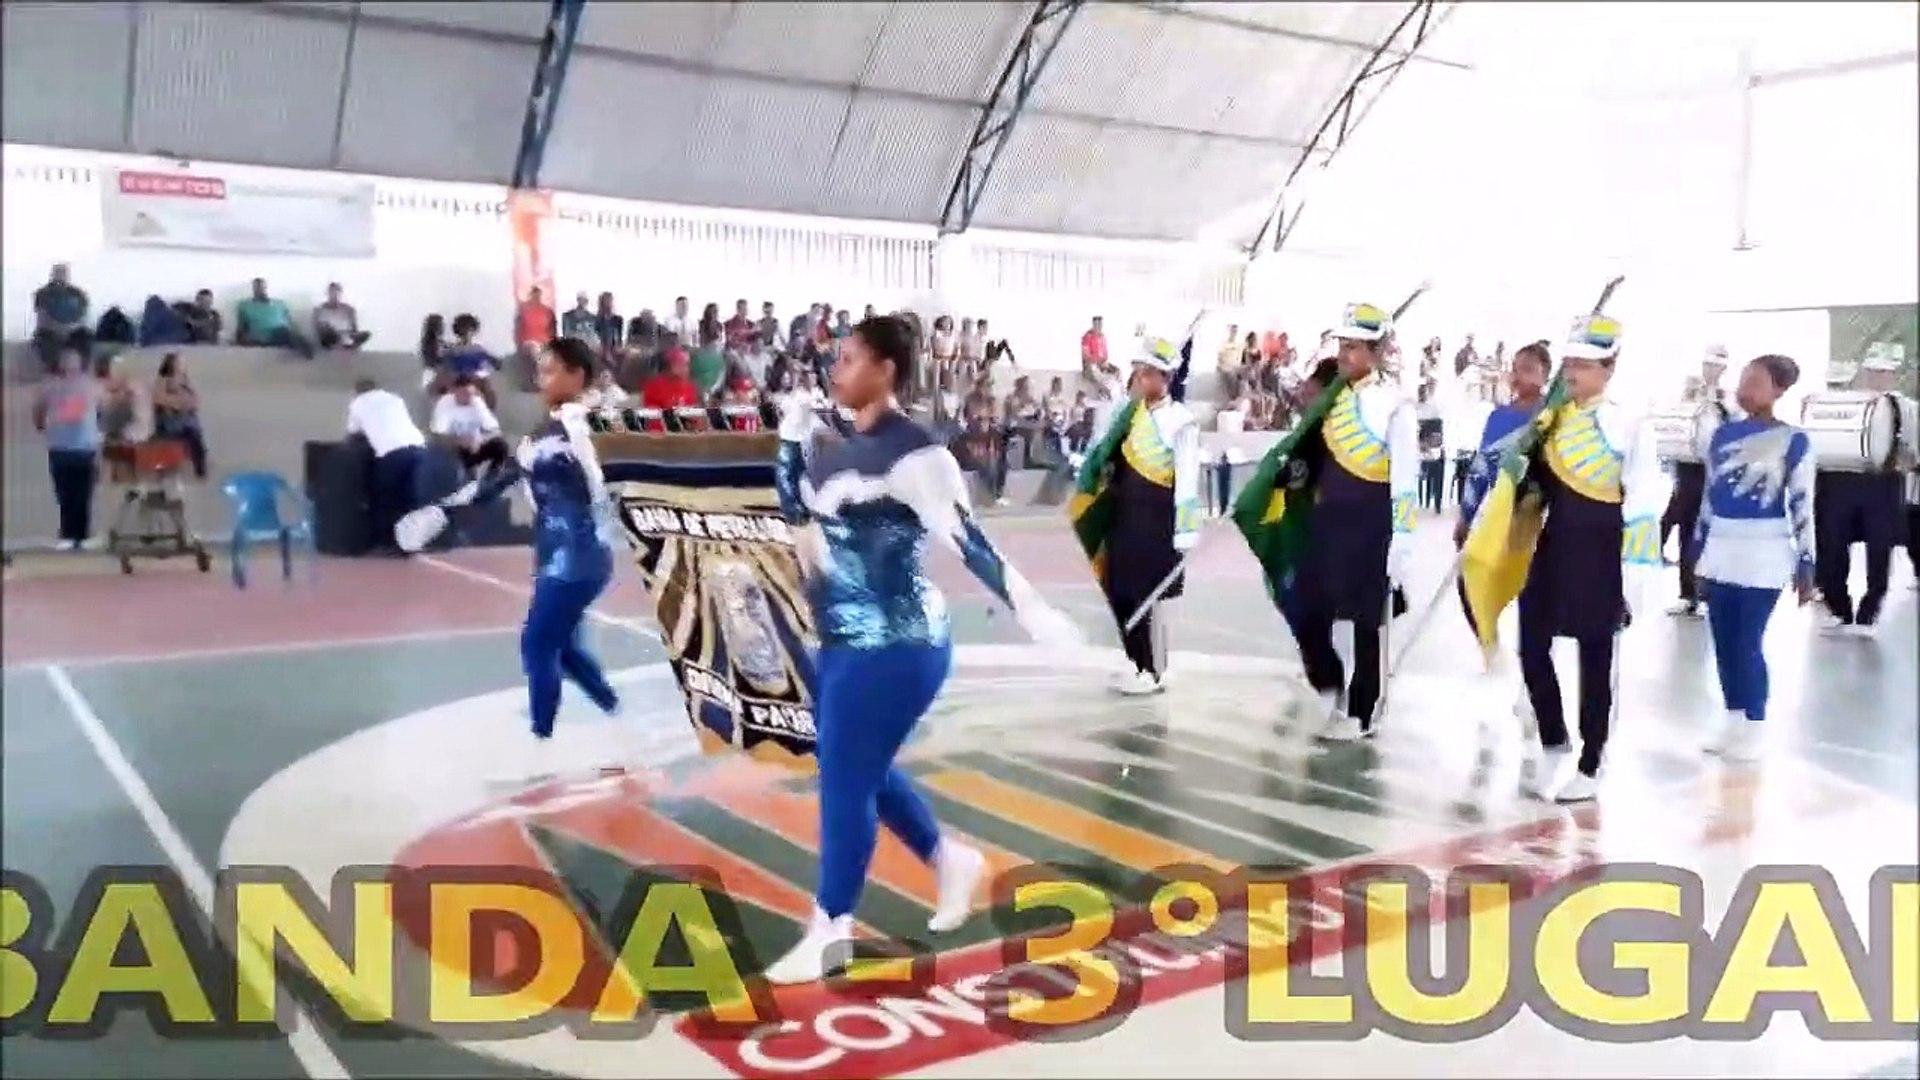 Banda de Percussao Melodica Divina Pastora 2018 _ XI COPA NORDESTE NORTE DE BANDAS E FANFARRAS